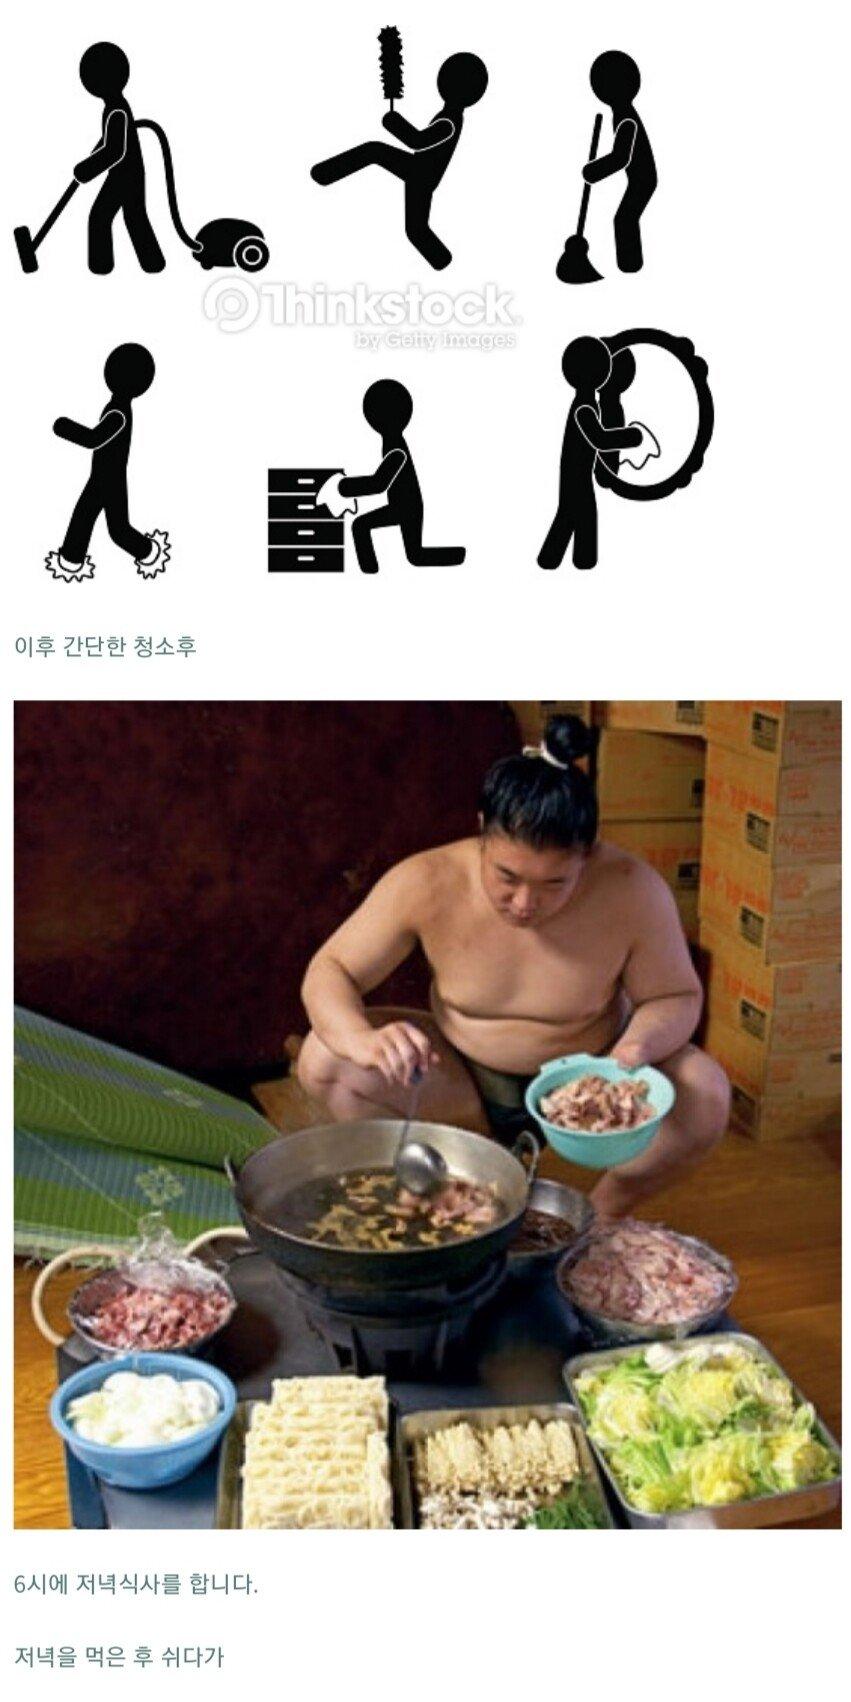 20190711_163513.jpg 스모 선수가 체중 유지하는 방법.jpg